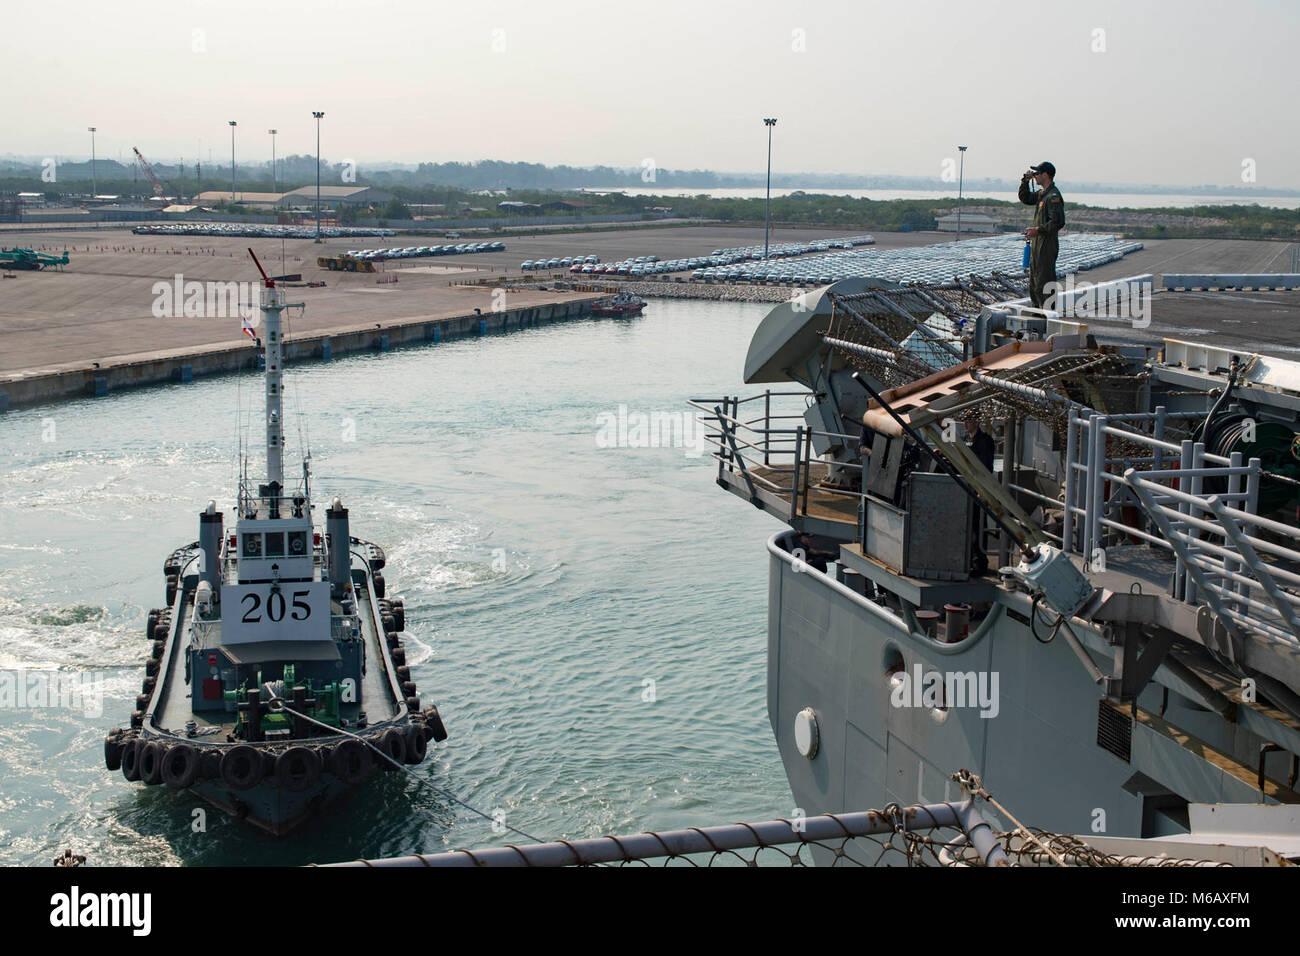 Entfernungsmesser Schiff : Laser rangefinder stockfotos & bilder alamy